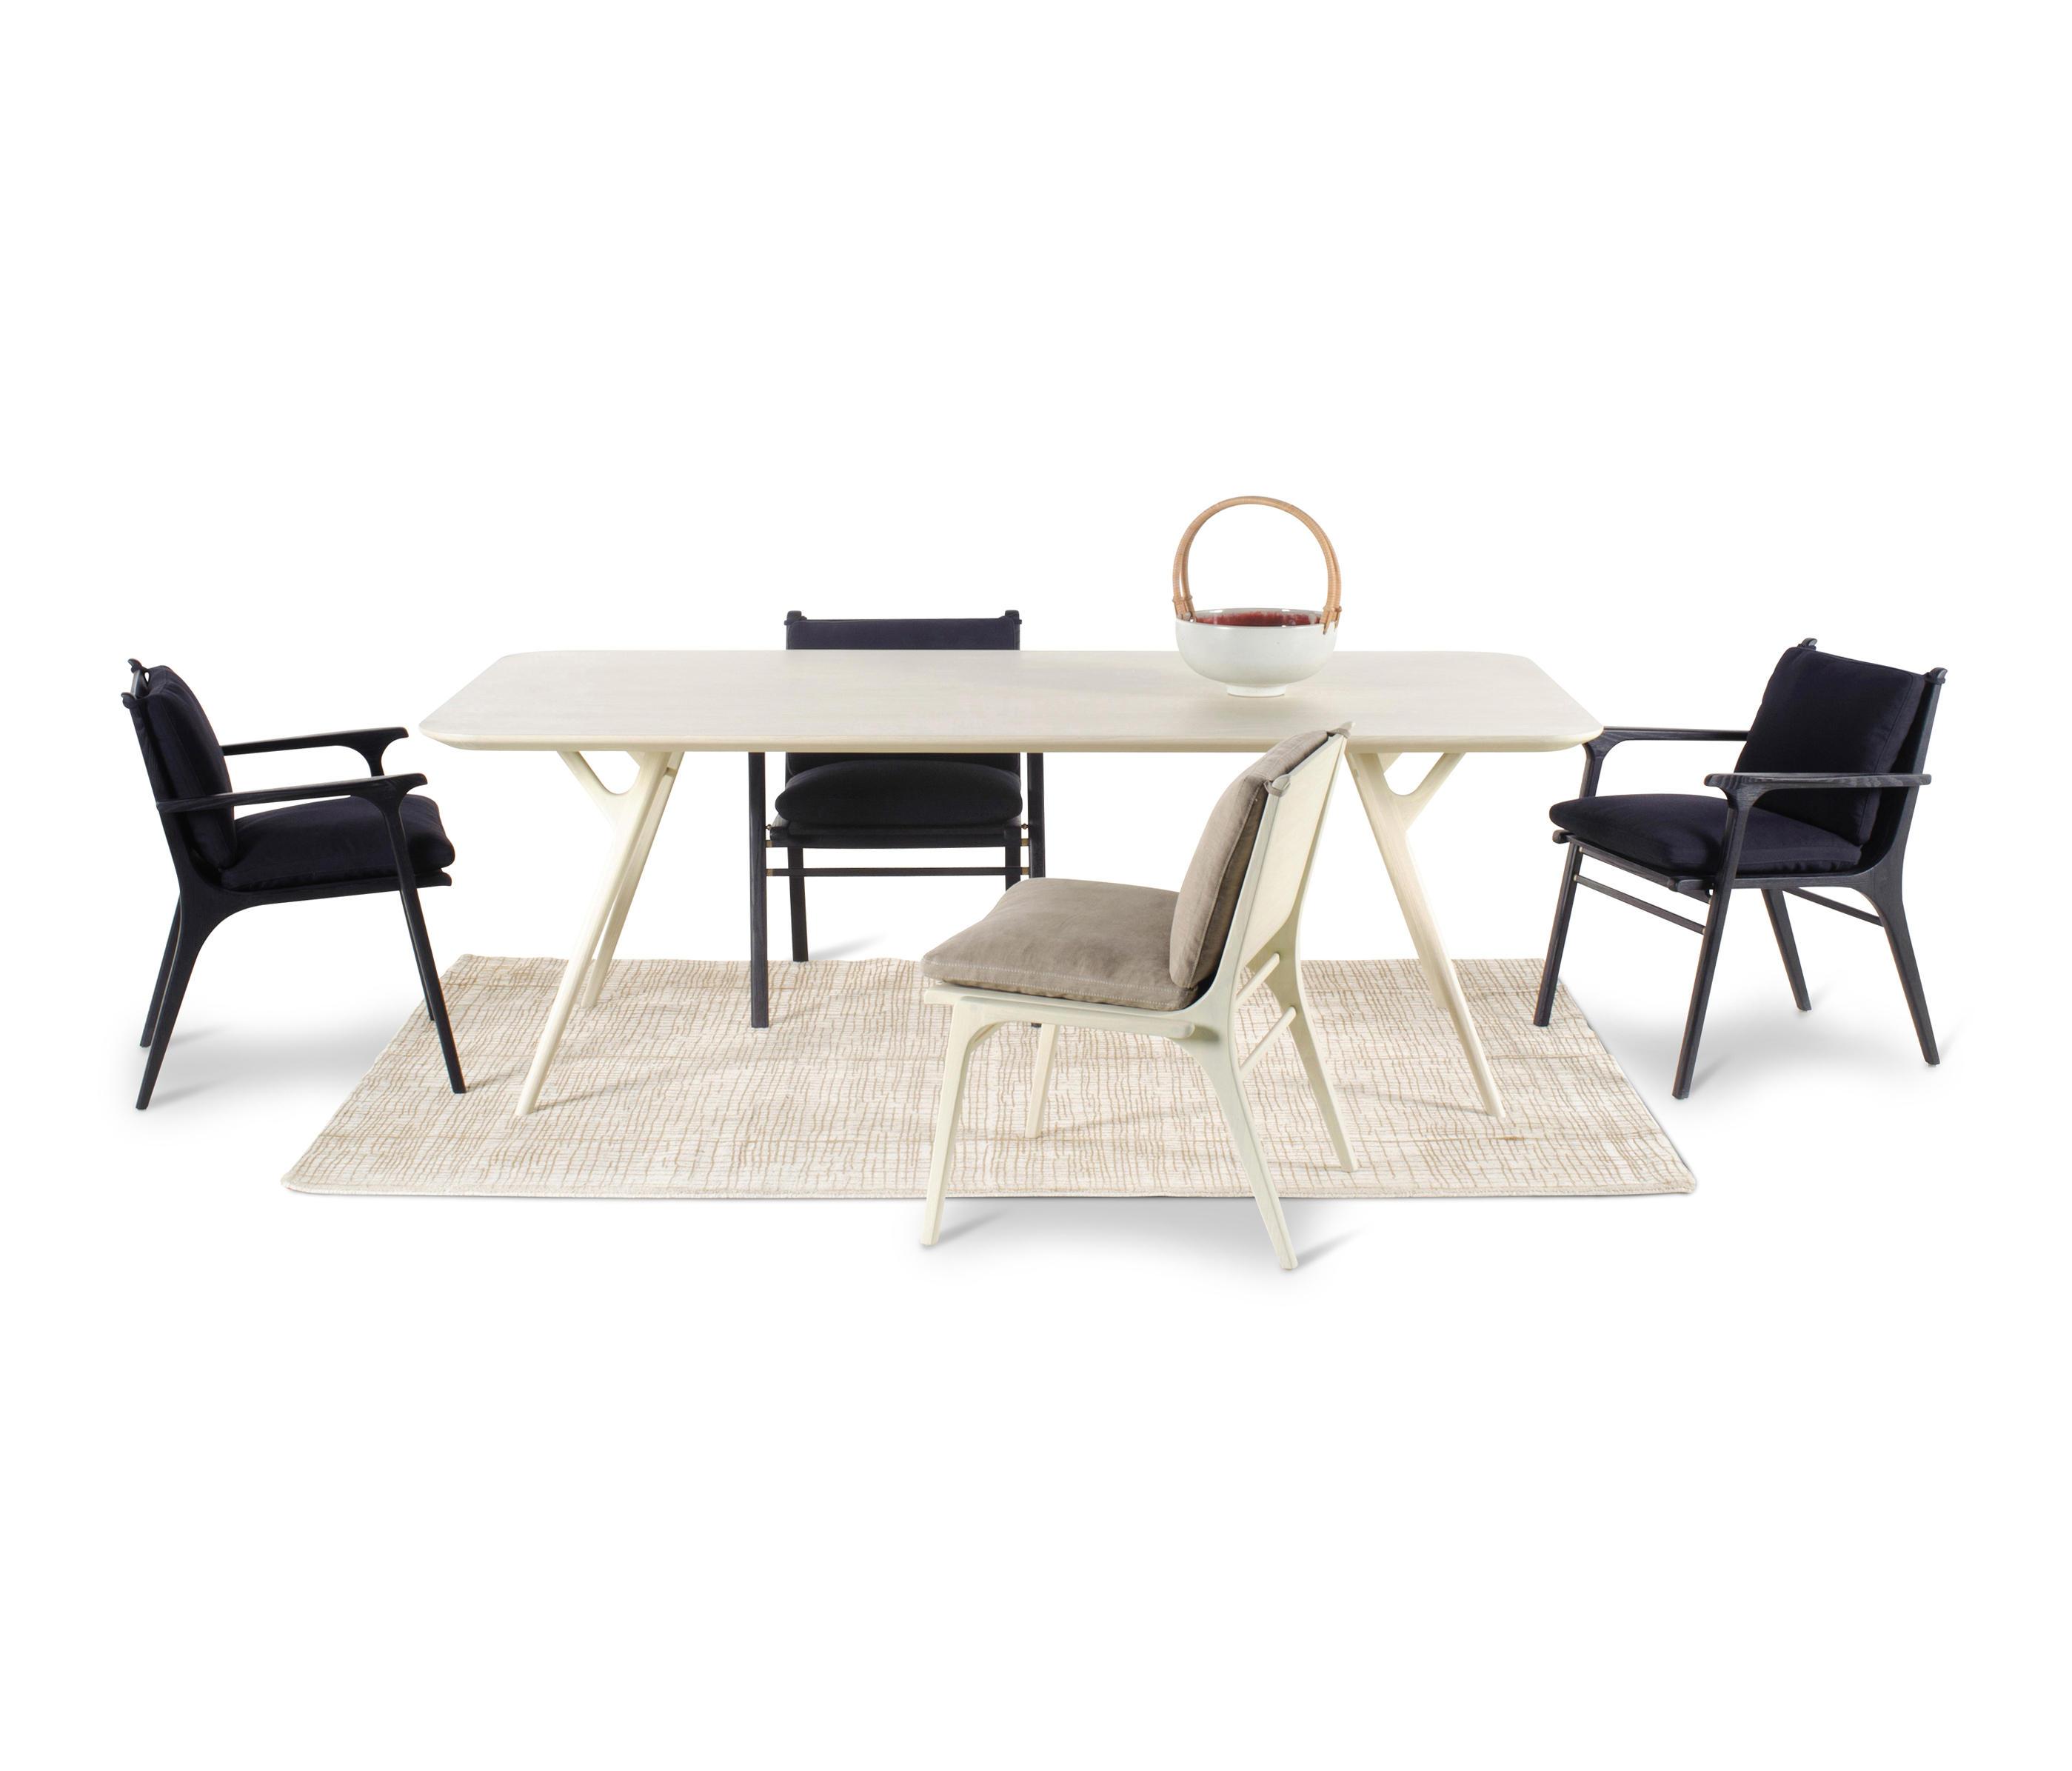 桌几|餐桌|创意家具|现代家居|时尚家具|设计师家具|定制家具|实木家具|Ren 餐桌 (方形)